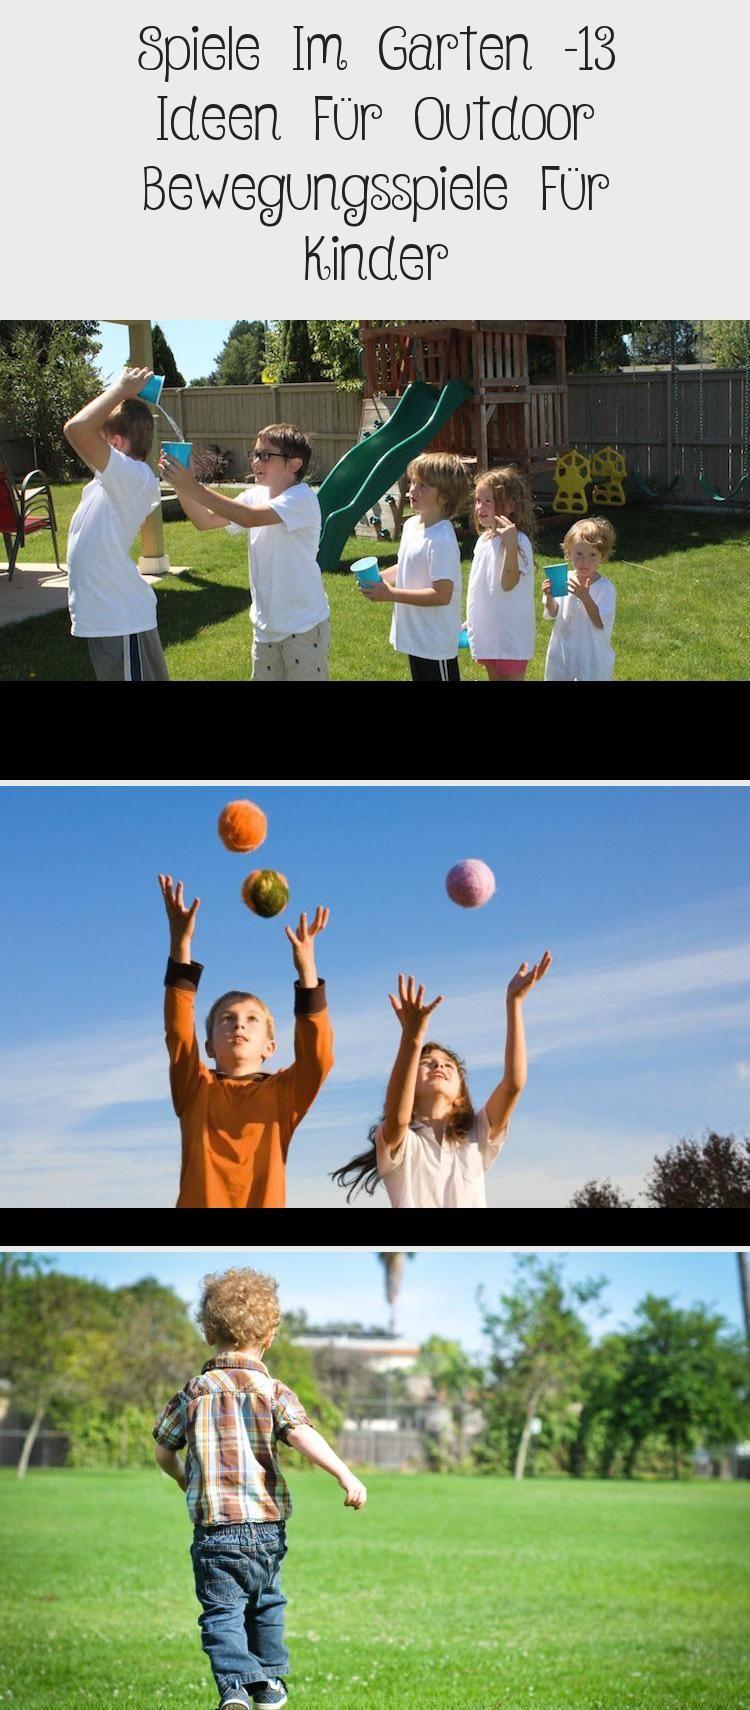 Spiele Im Garten 13 Ideen Für Outdoor Bewegungsspiele Für Kinder Sandkasten Gartengestaltung Games Kinderspielpl In 2020 Spiele Im Garten Spiele Für Kinder Spiele